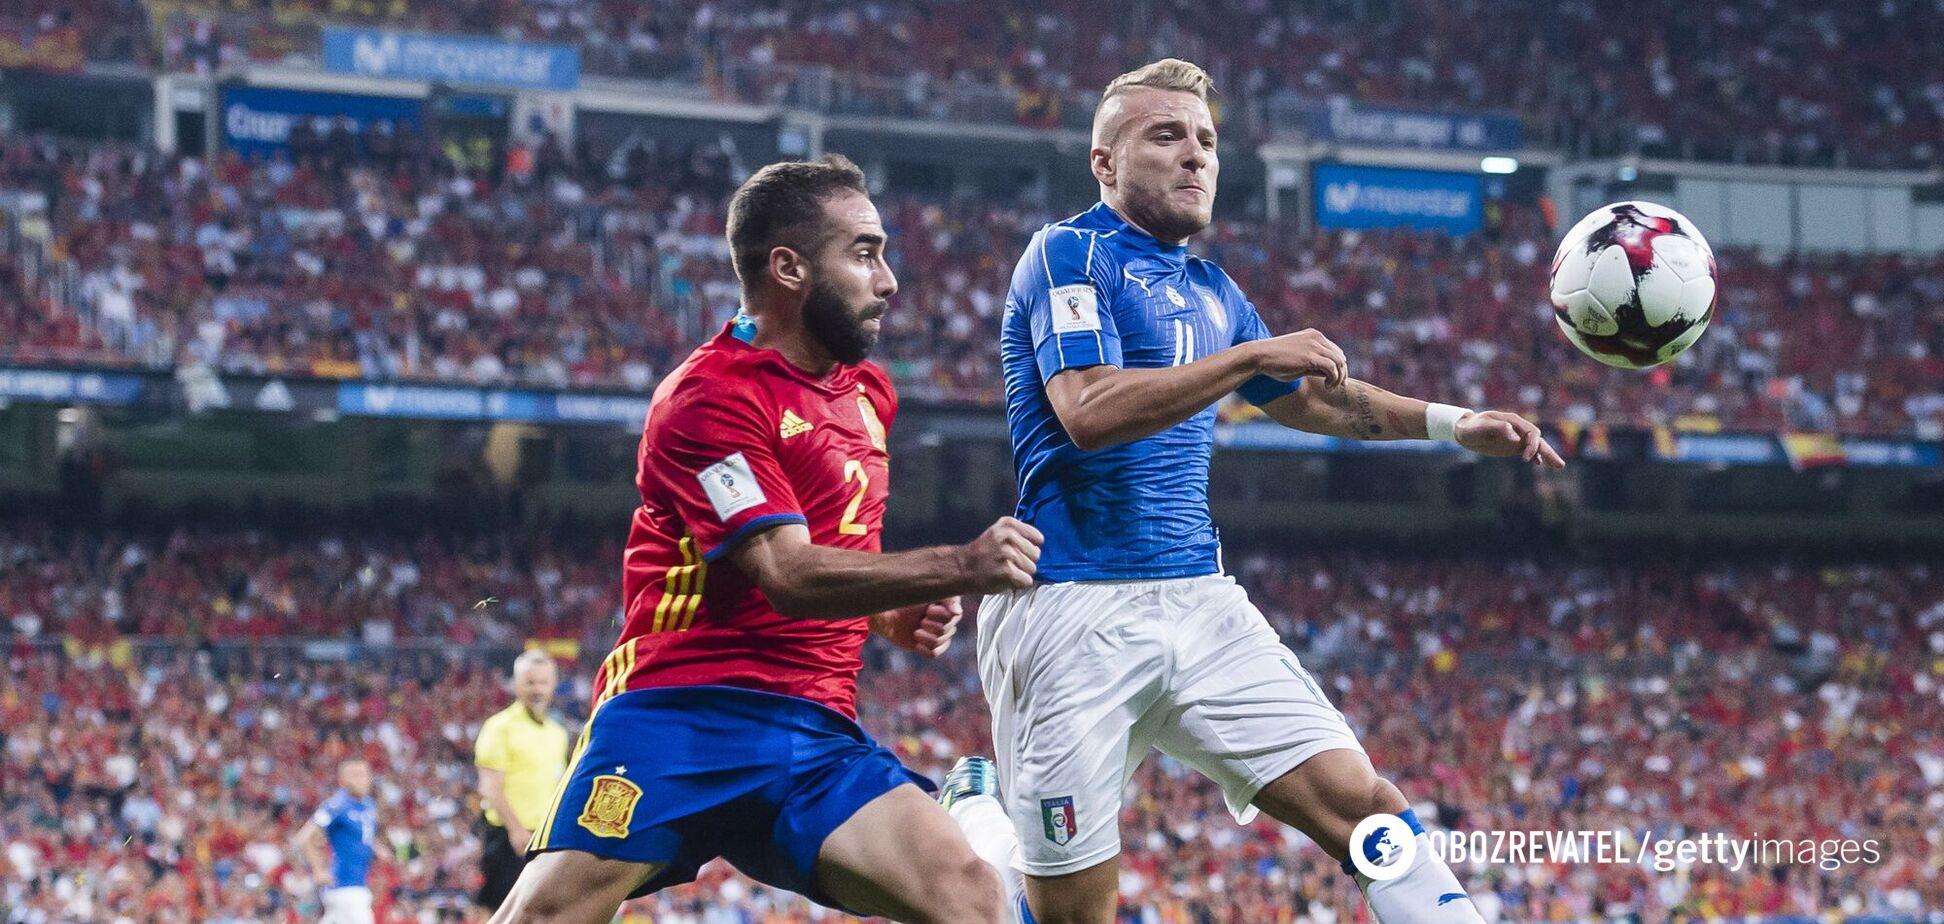 Матч Италия - Испания в отборе на ЧМ-2018